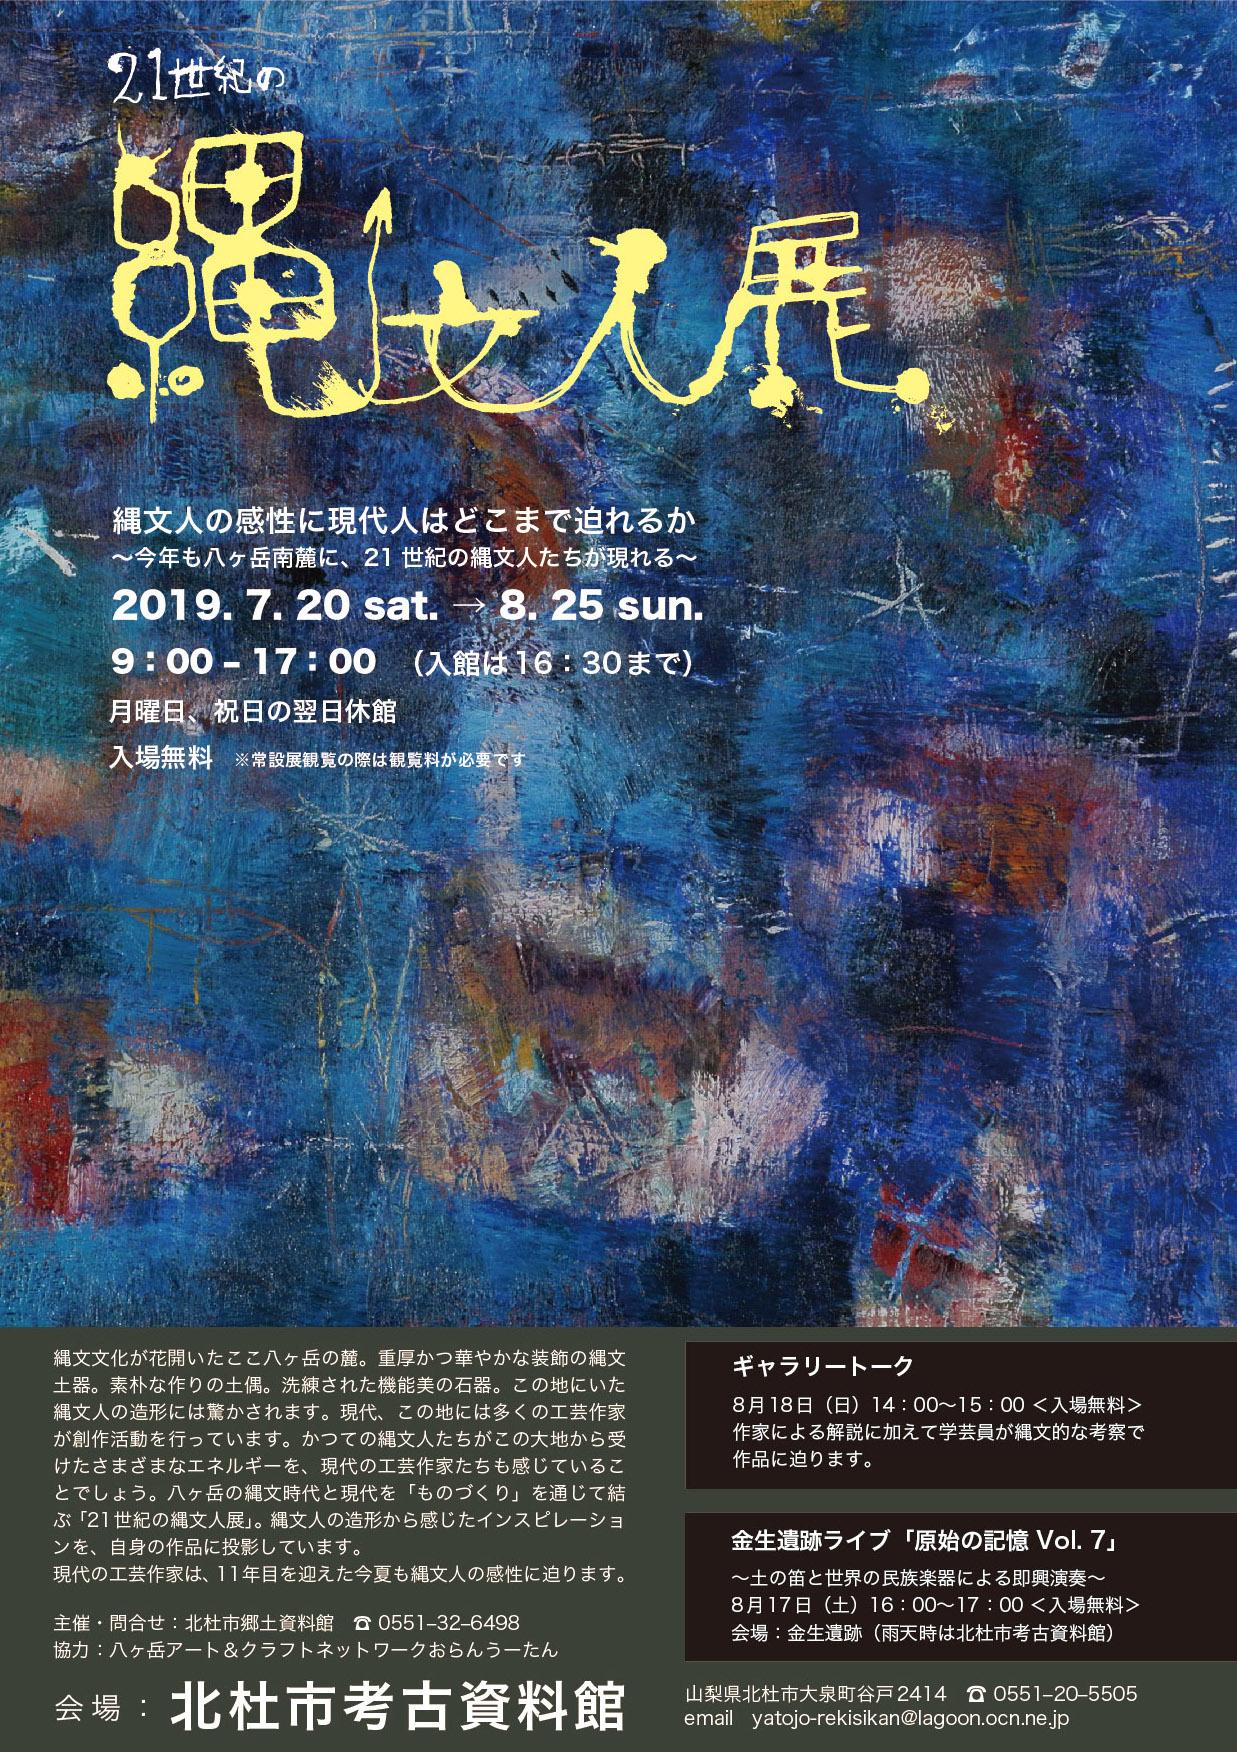 21世紀の縄文人展2019     北杜市考古資料館